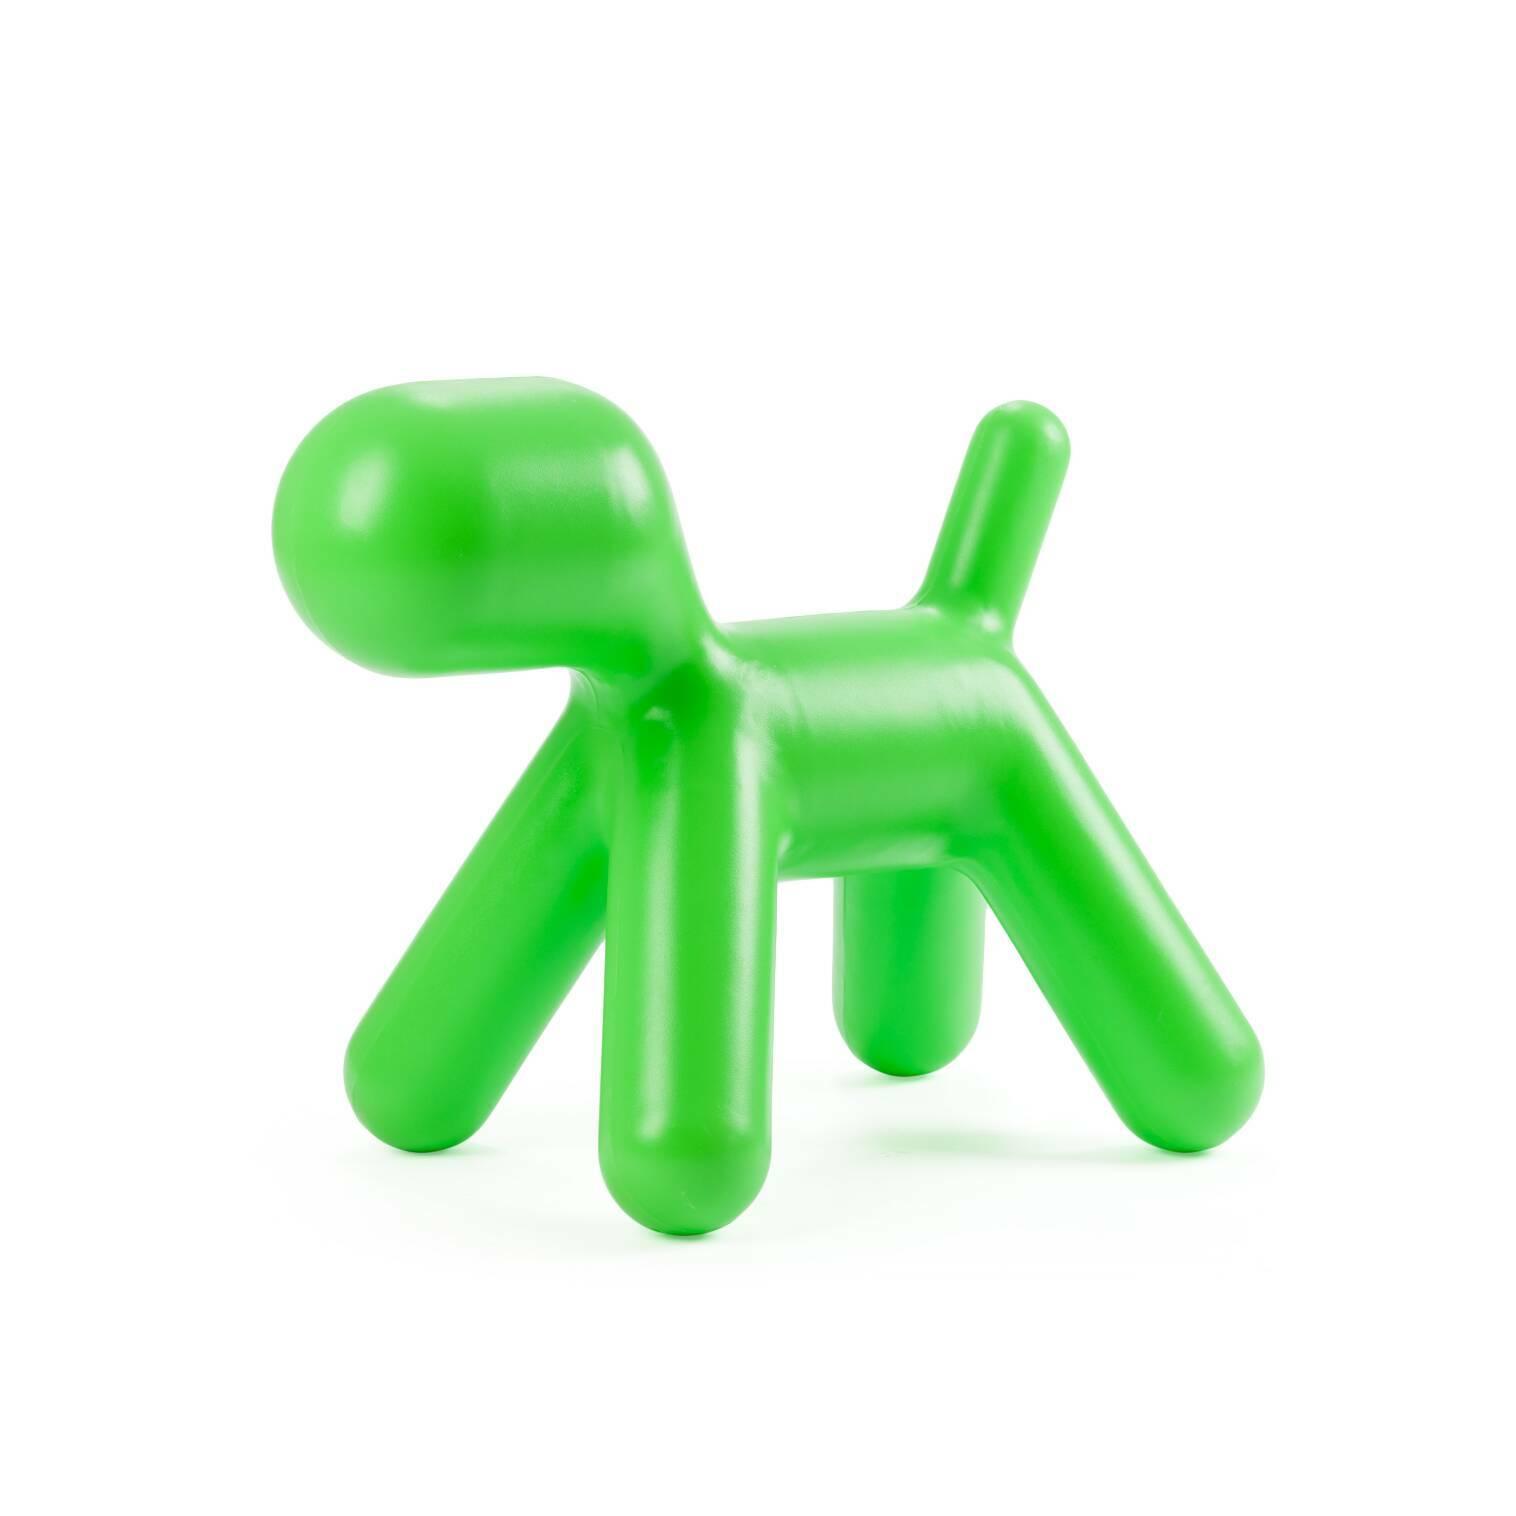 Детское кресло PuppyМебель для детей<br>Милое и забавное детское кресло Puppy — что может быть лучше для креативной и яркой детской. Ироничный подход к дизайну свойственен автору кресла Ээро Аарнио. Похоже, что Аарнио знает толк не только в дизайне, но и в воспитании детей.<br> <br> Финский дизайнер Ээро Аарнио является одним из величайших новаторов современного дизайна мебели. В 1960-х годах Ээро Аарнио экспериментировал со множеством различных материалов, среди которых были пластмасса, оптоволокно, пена и полиэтилен, с яркими цветами...<br><br>stock: 0<br>Высота: 55<br>Ширина: 42<br>Глубина: 70<br>Материал каркаса: Пластик<br>Цвет каркаса: Зеленый